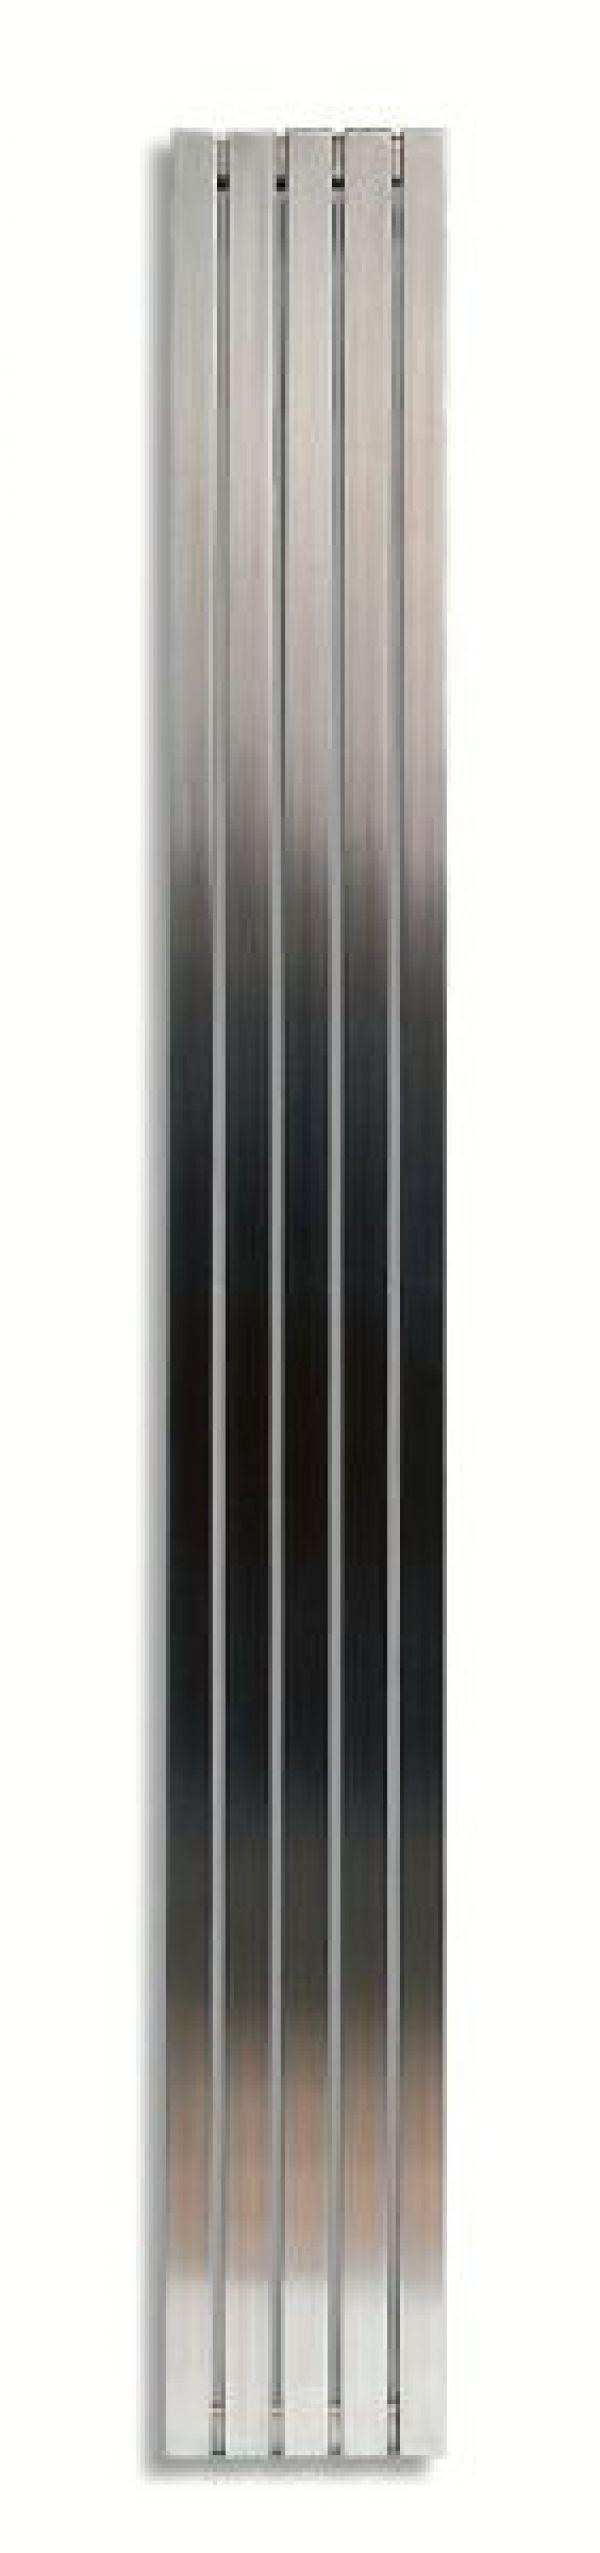 radiateur lectrique design jusqu 39 60 de r duction. Black Bedroom Furniture Sets. Home Design Ideas